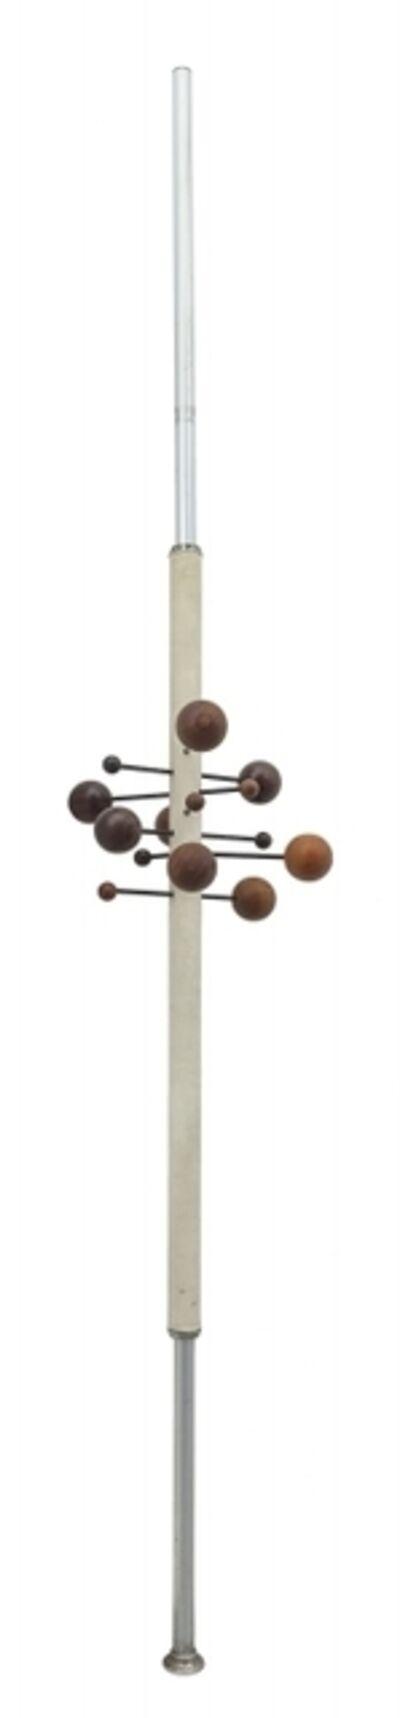 Osvaldo Borsani, 'An 'AT16' coat rack', 1961